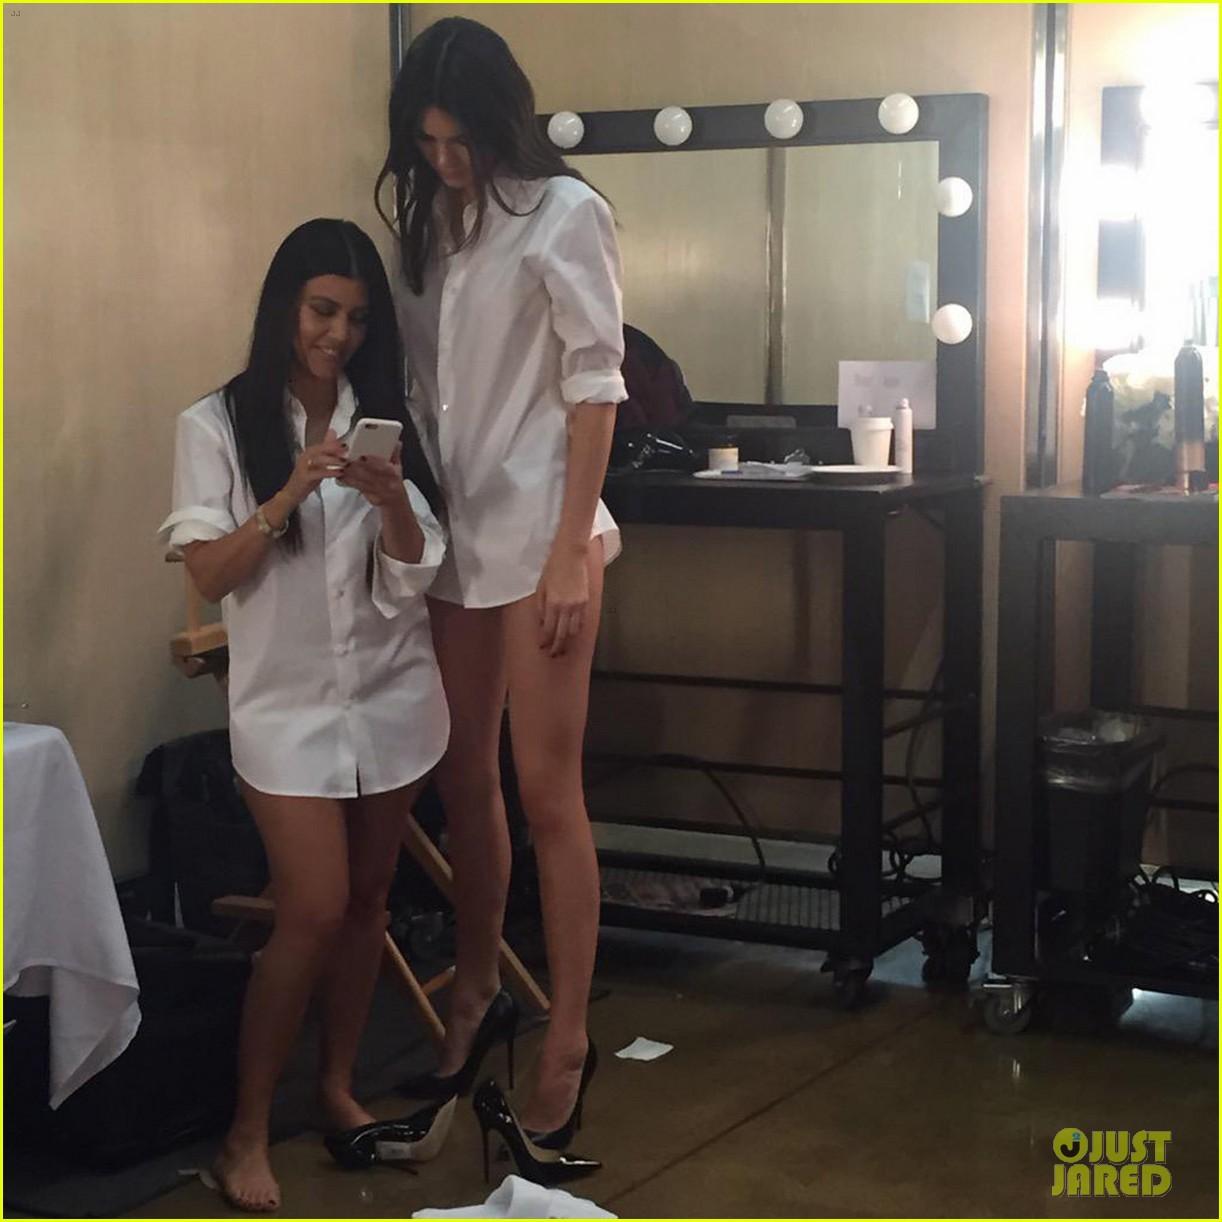 Mỹ nhân Hollywood và những đôi chân cực phẩm vừa dài vừa nuột nà như búp bê thật sự - Ảnh 7.